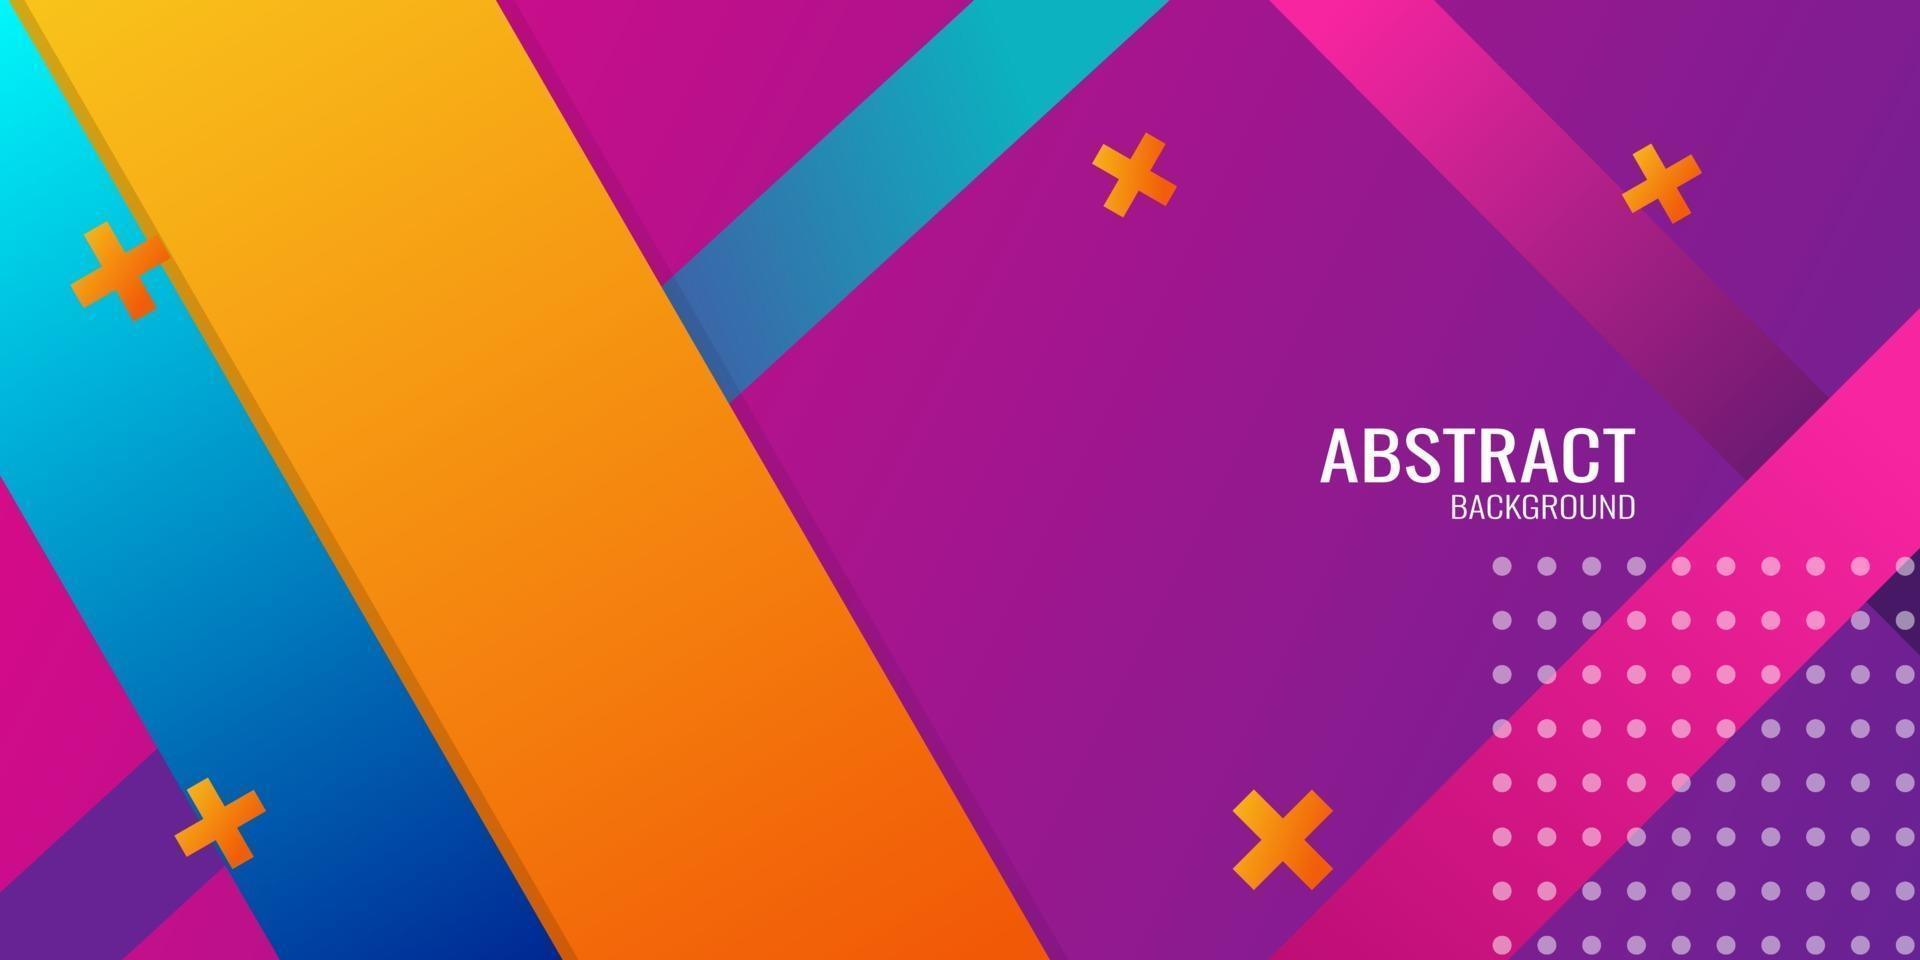 färgglad abstrakt geometrisk bakgrund vektor